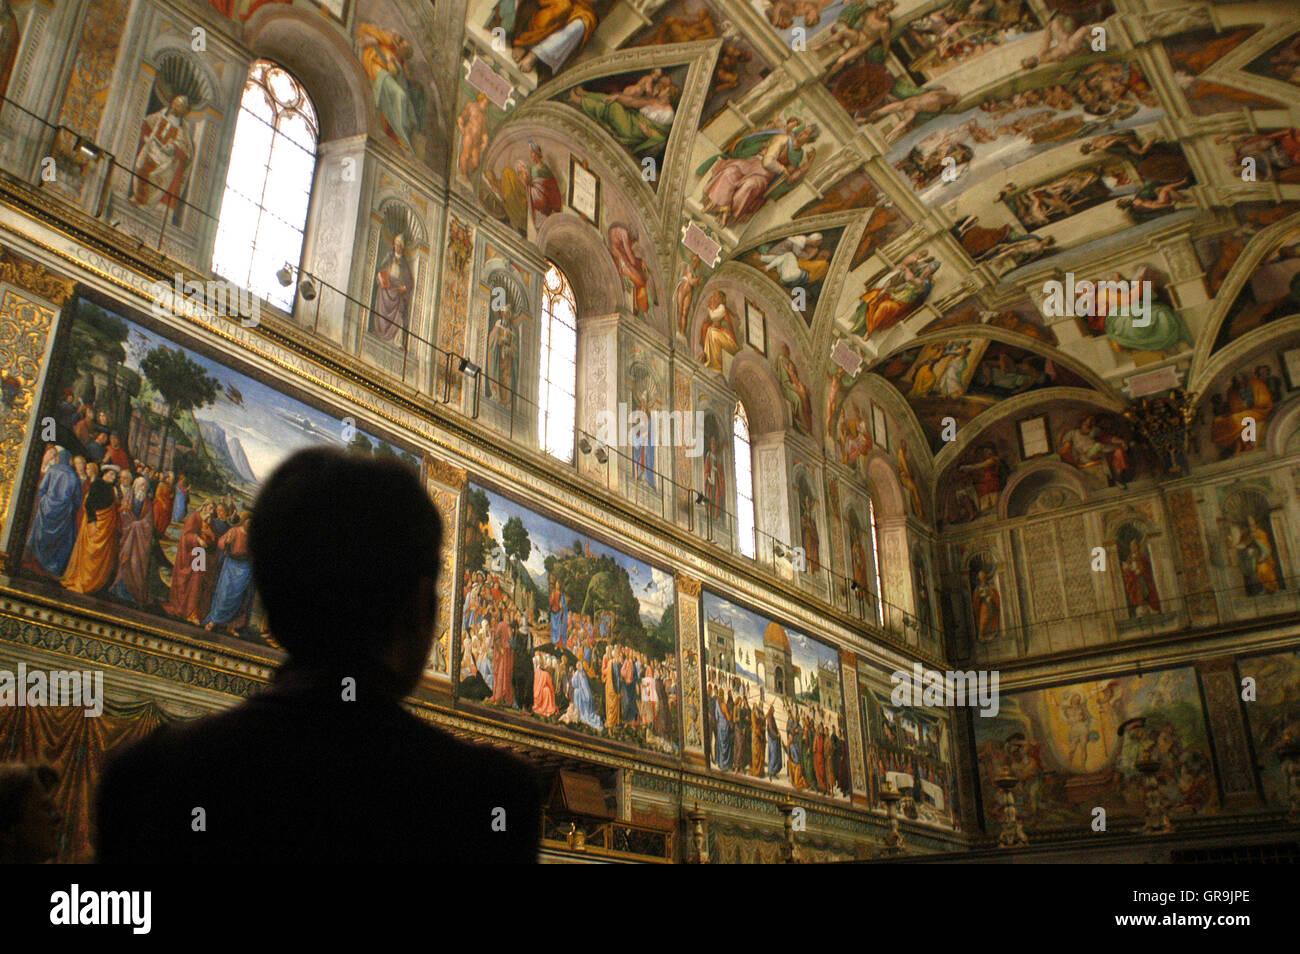 Plafond De La Chapelle Sixtine Musee Du Vatican Rome Italie La